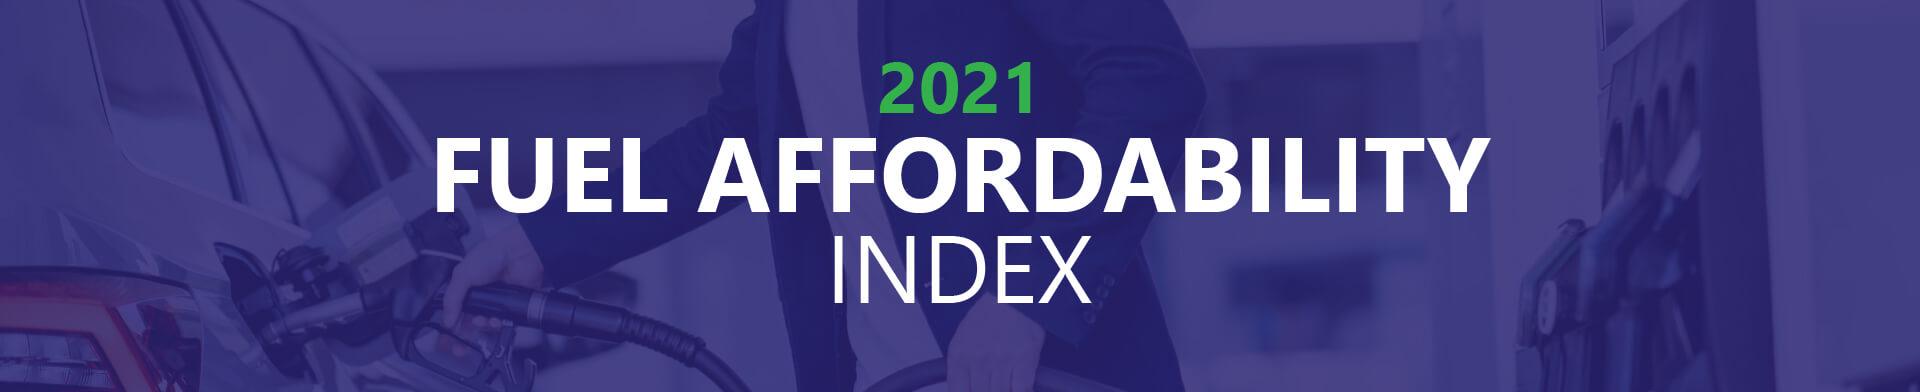 2021 fuel affordability index desktop